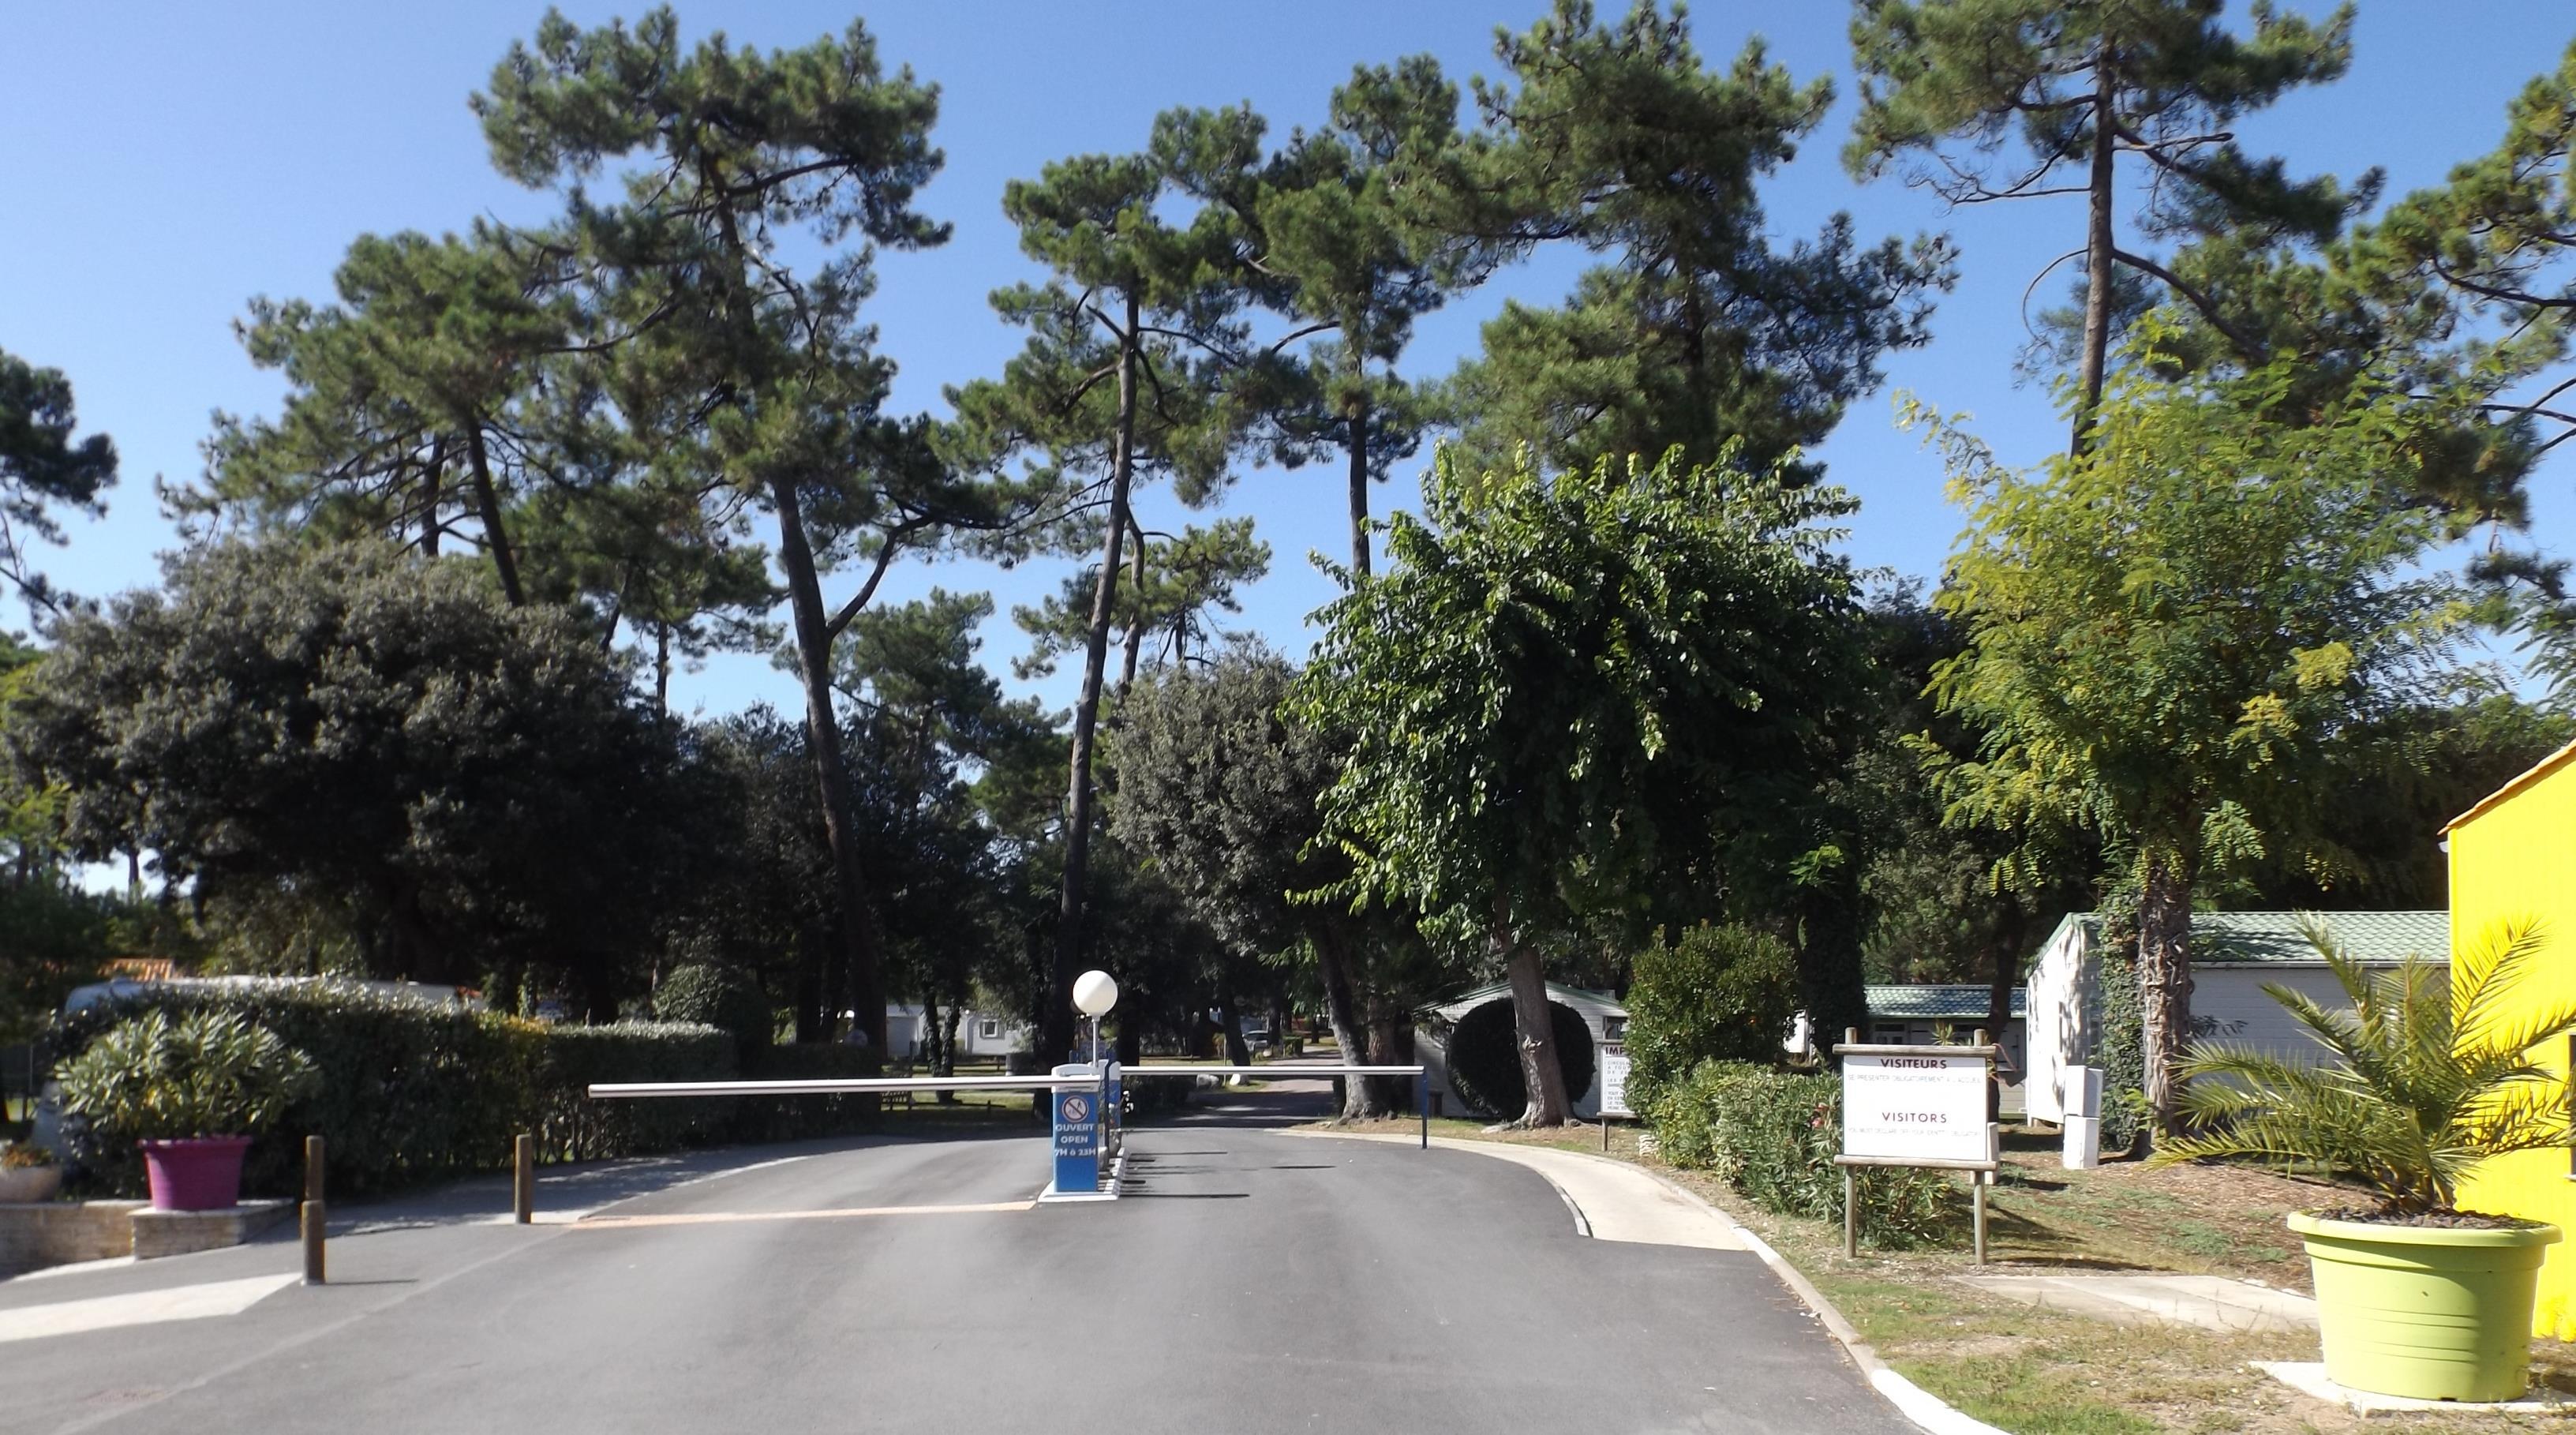 Camping St-Tro'park , Saint-Trojan-les-Bains, Charente-Maritime